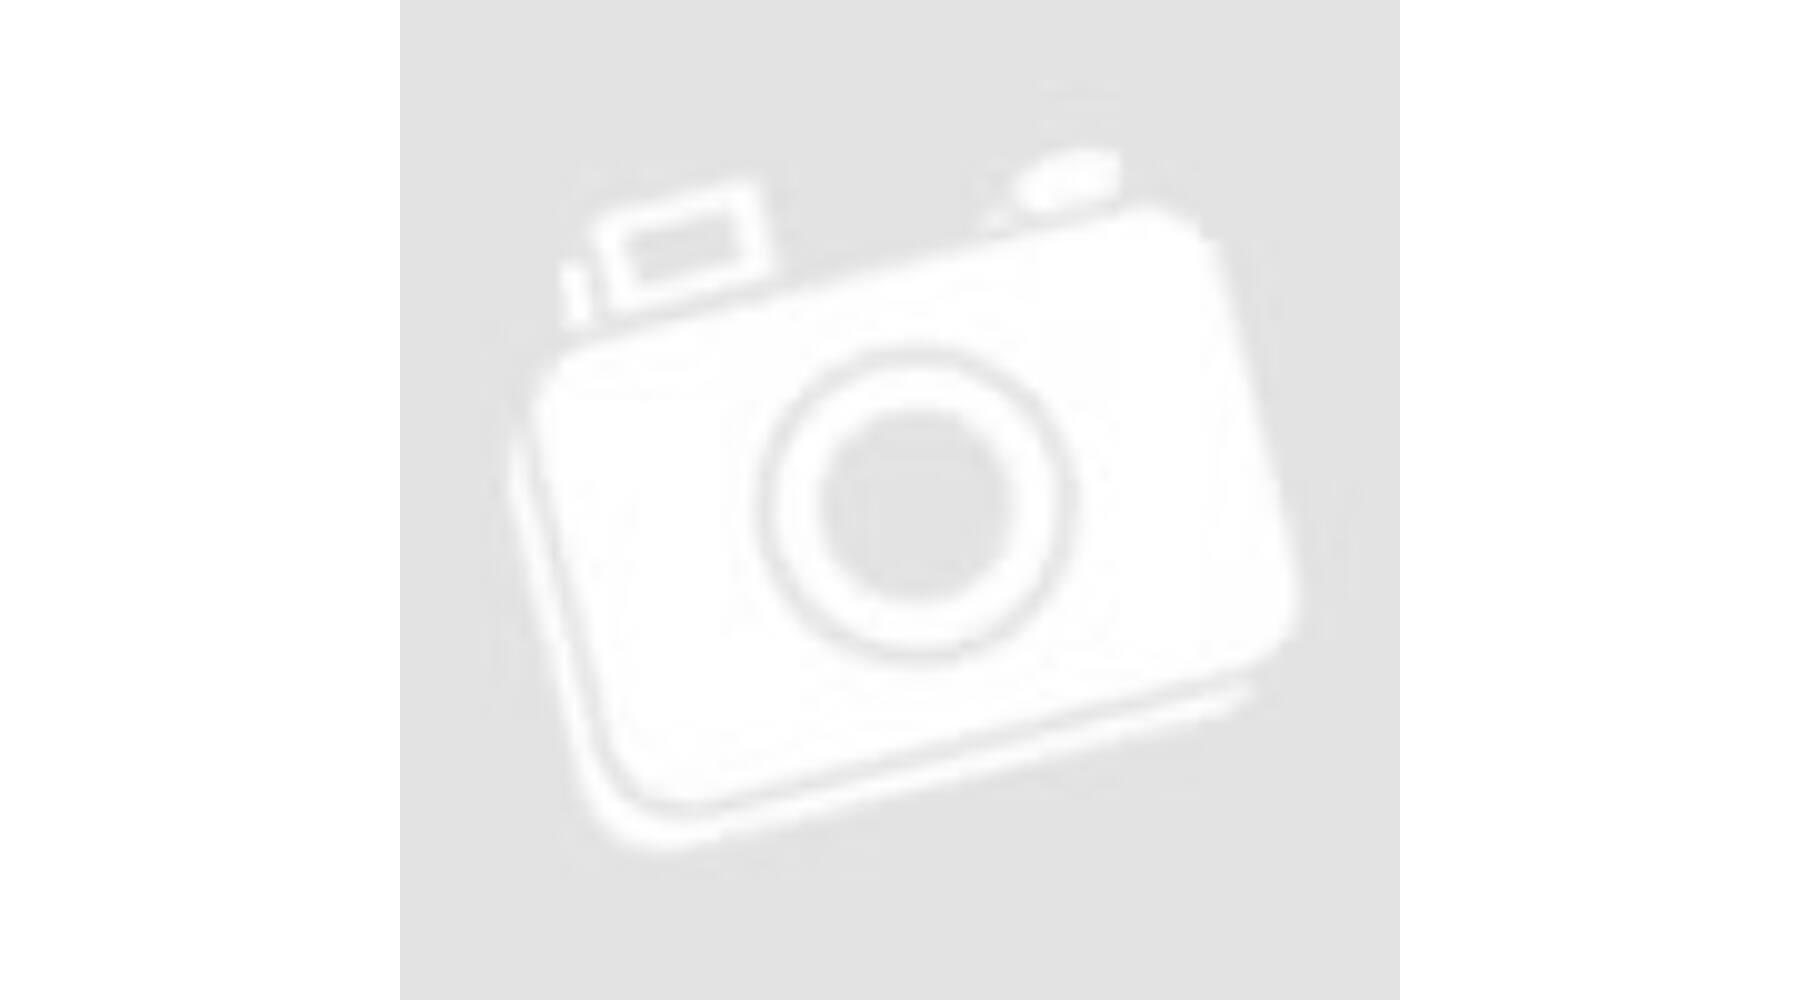 b1af732a85 71 farmer szabadidő nadrág - Szabadidő nadrágok - ZenudaShop - Ruha ...